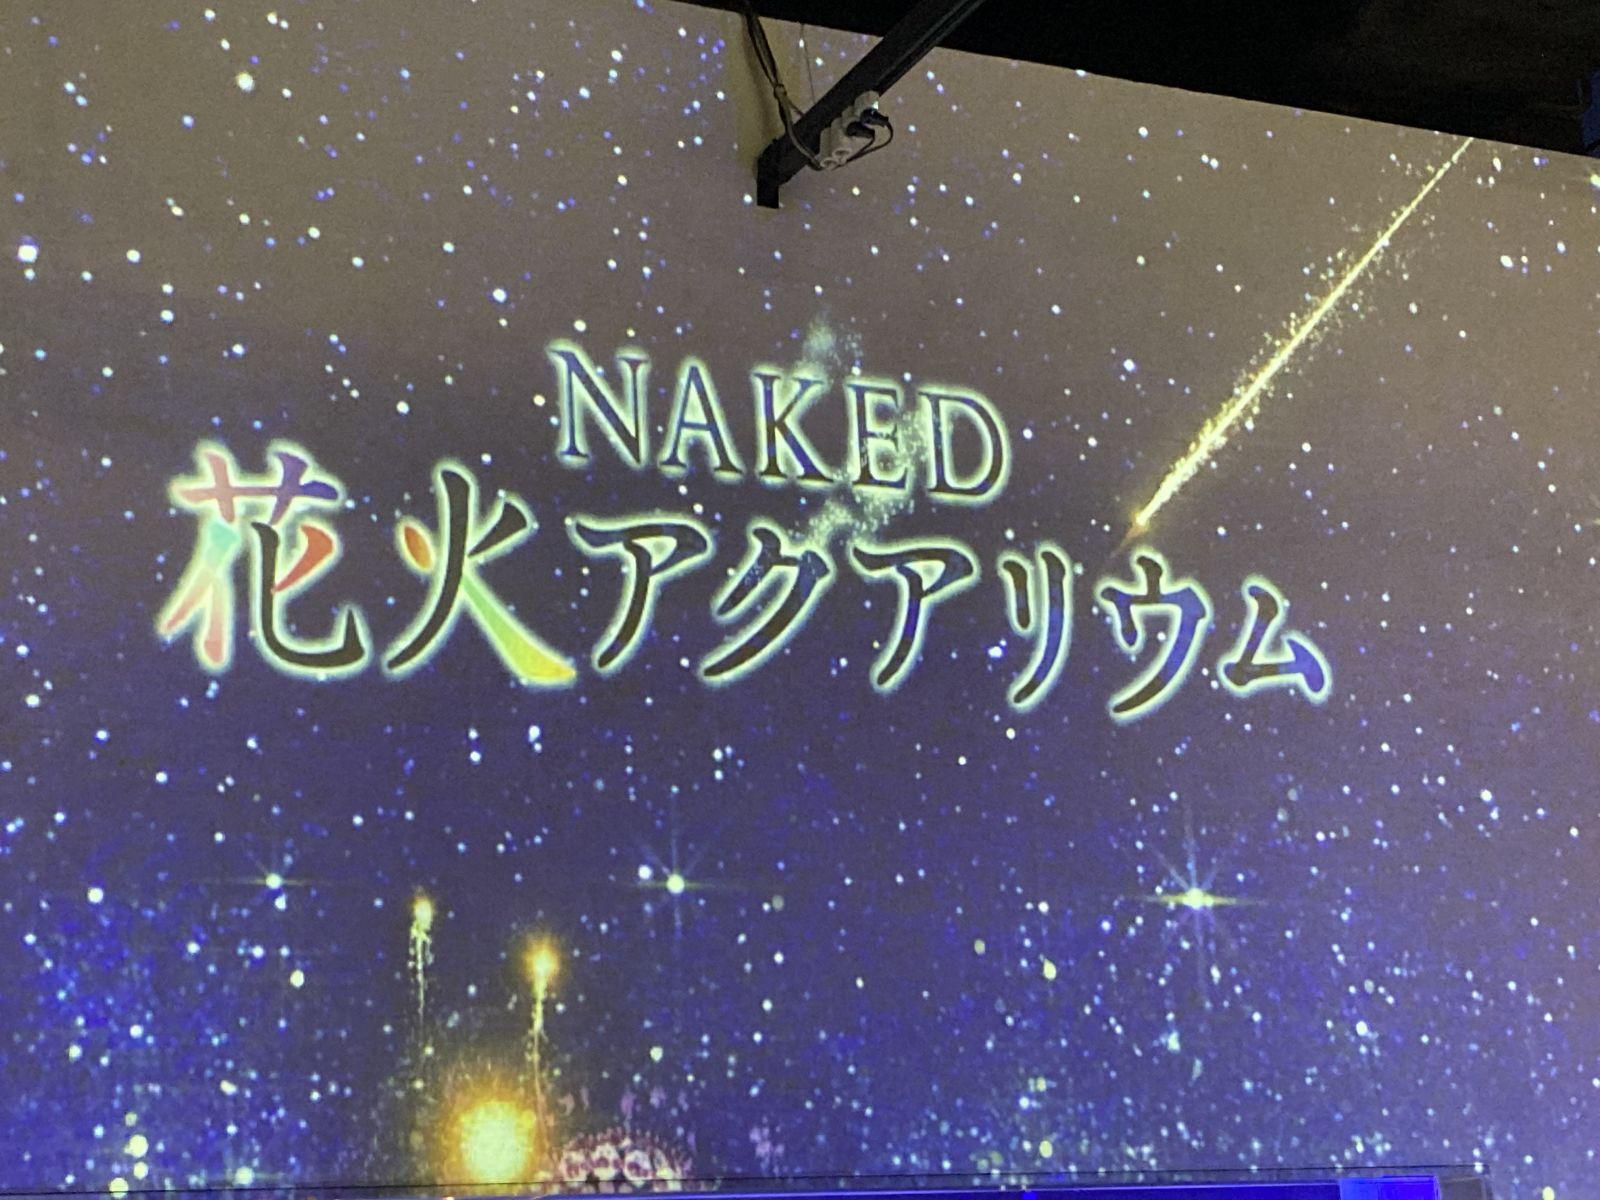 川越店みなみブログ! 大好きなイルカショー♡の画像